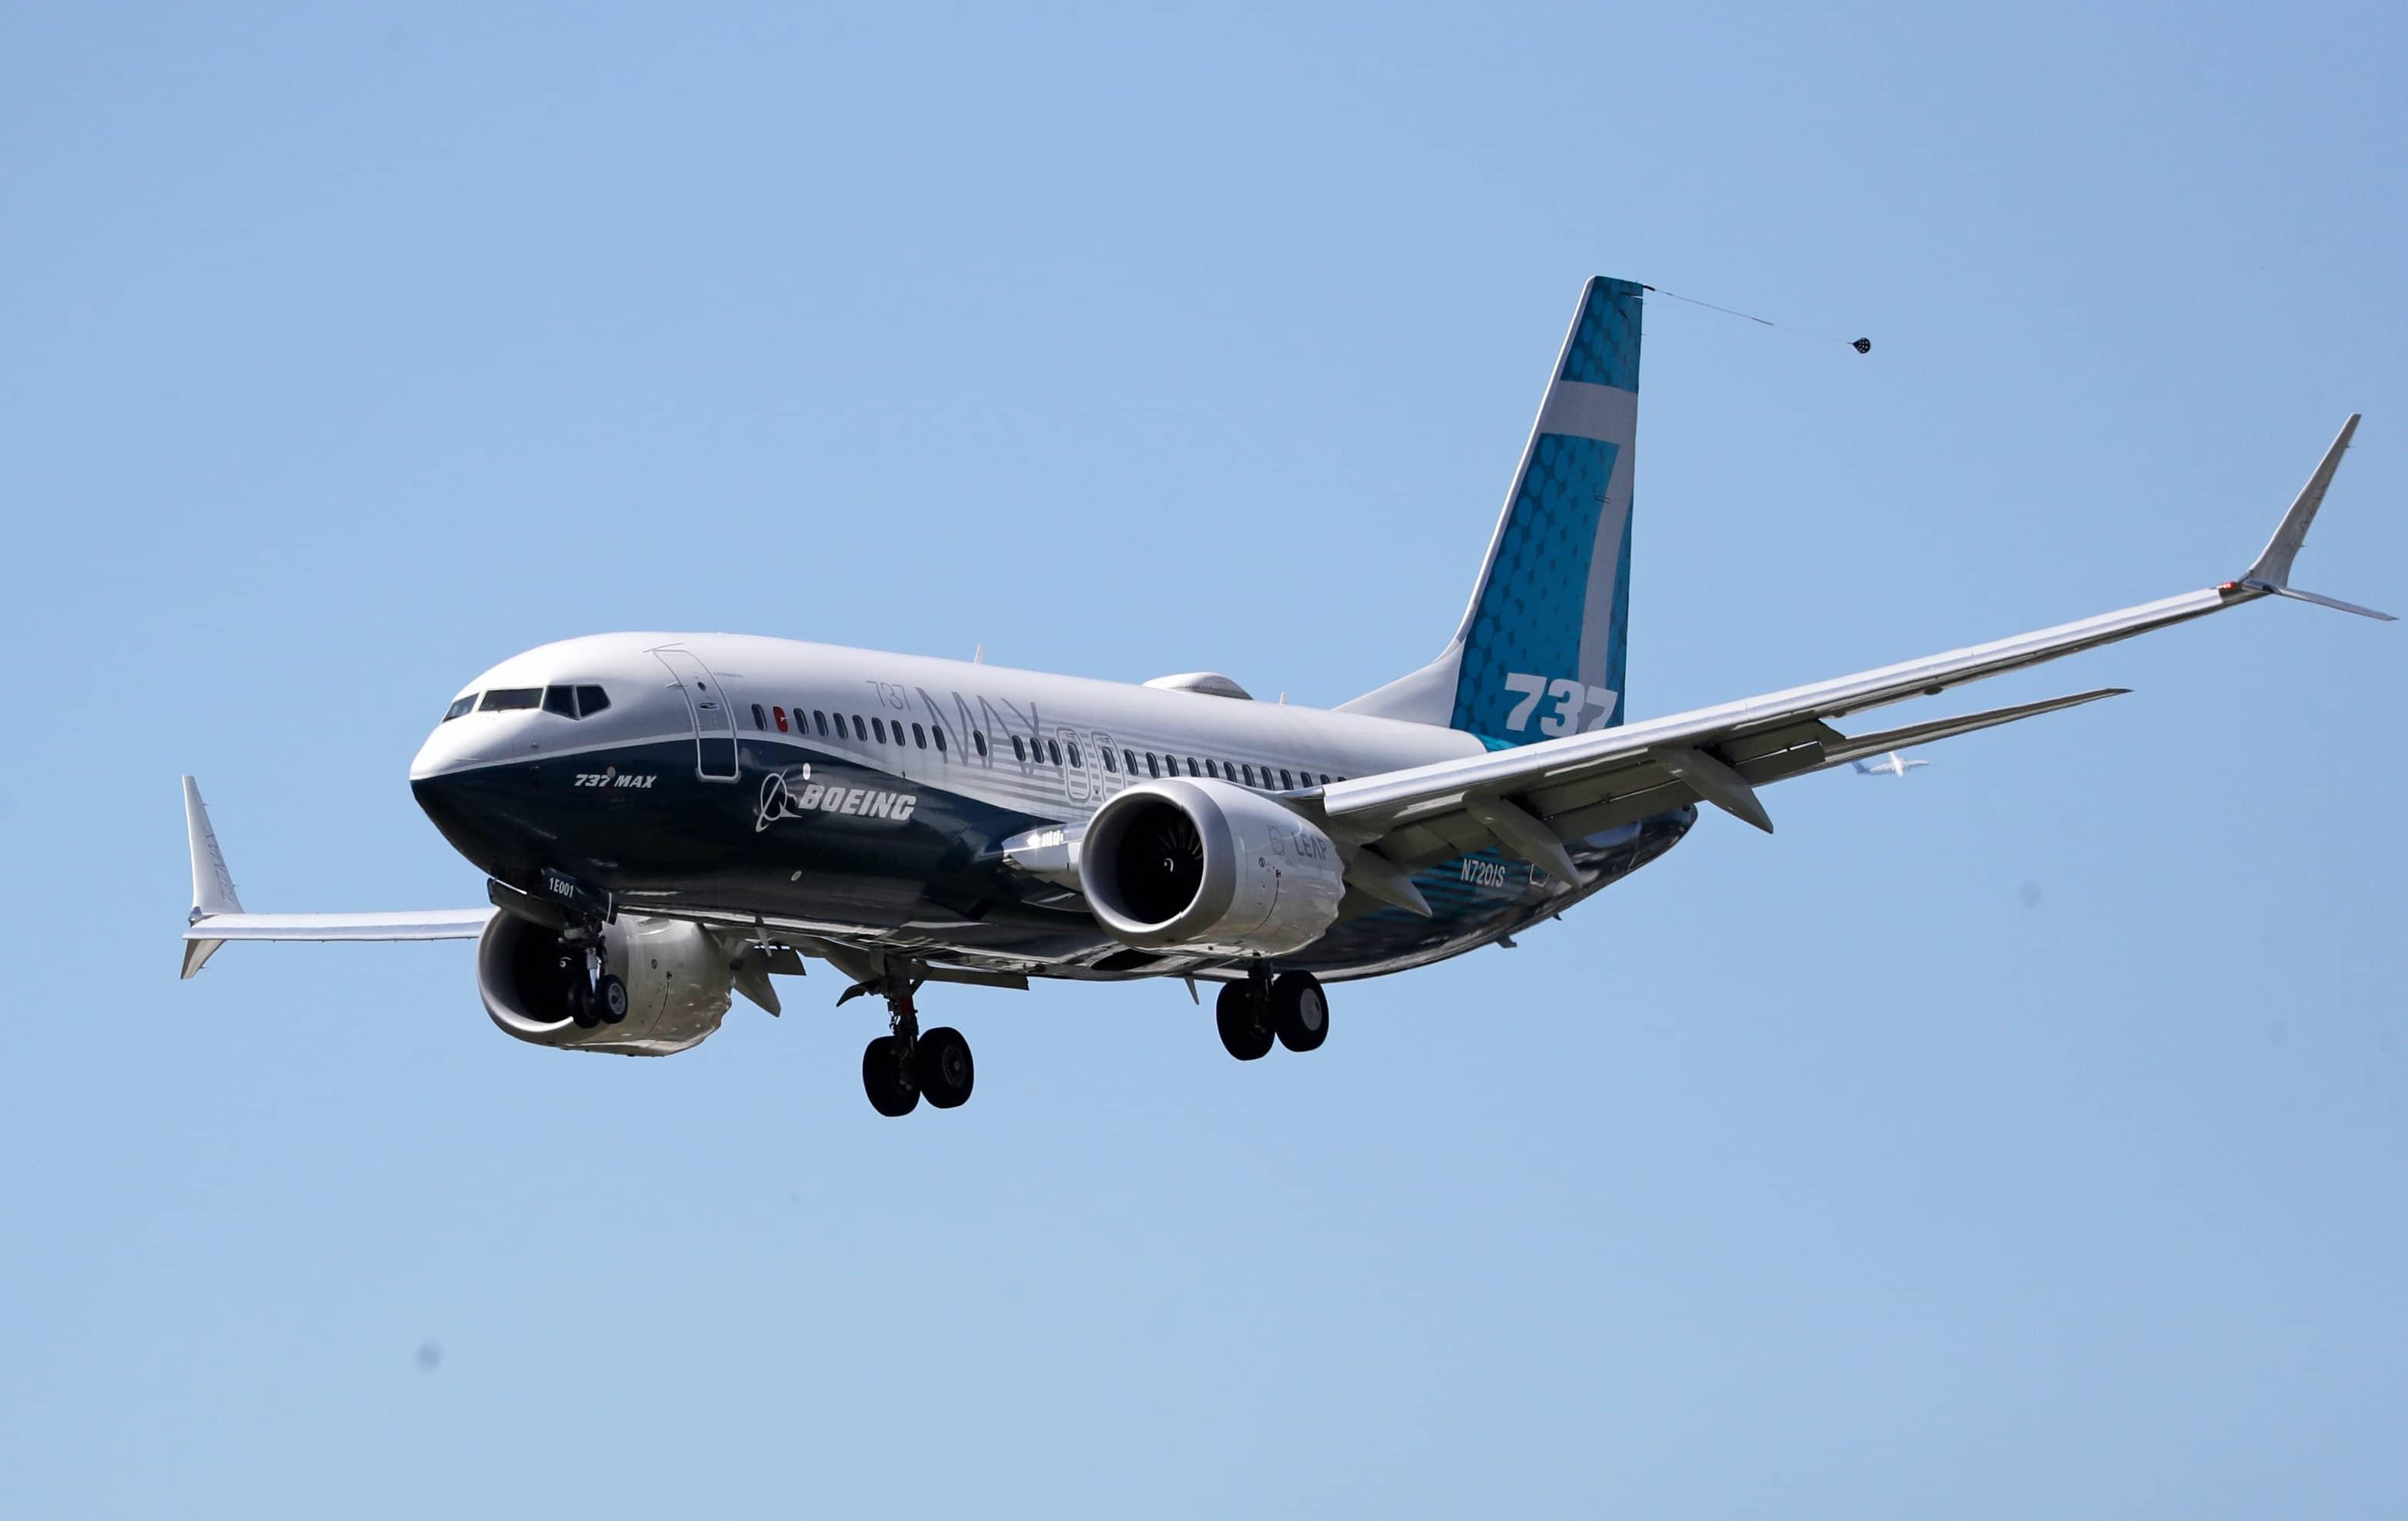 EUROPEAN FLIGHT SAFETY AGENCY TO START 737 MAX TEST FLIGHTS